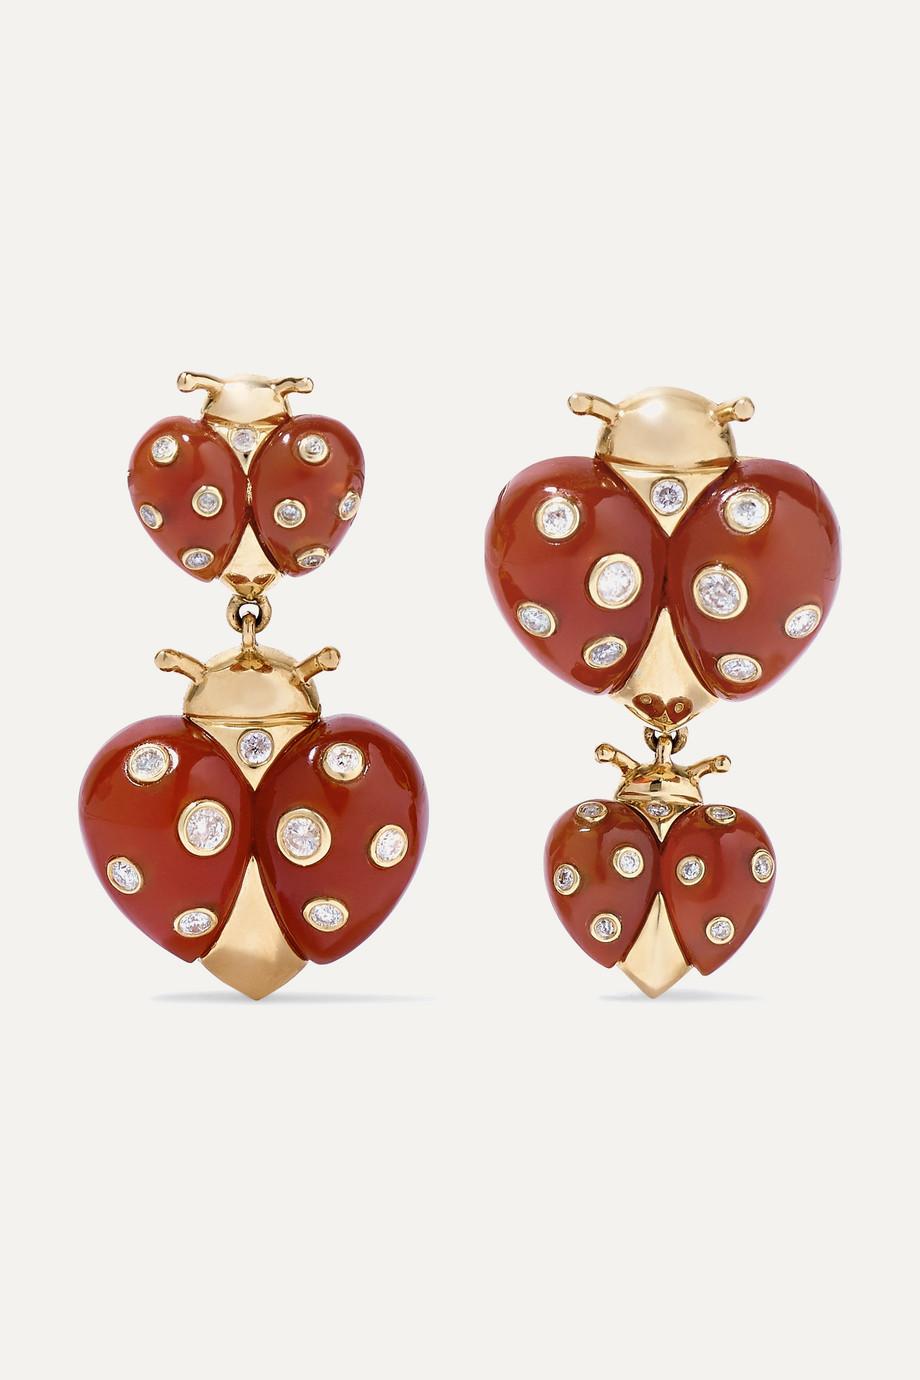 Yvonne Léon Boucles d'oreilles en or 18 carats, agates et diamants